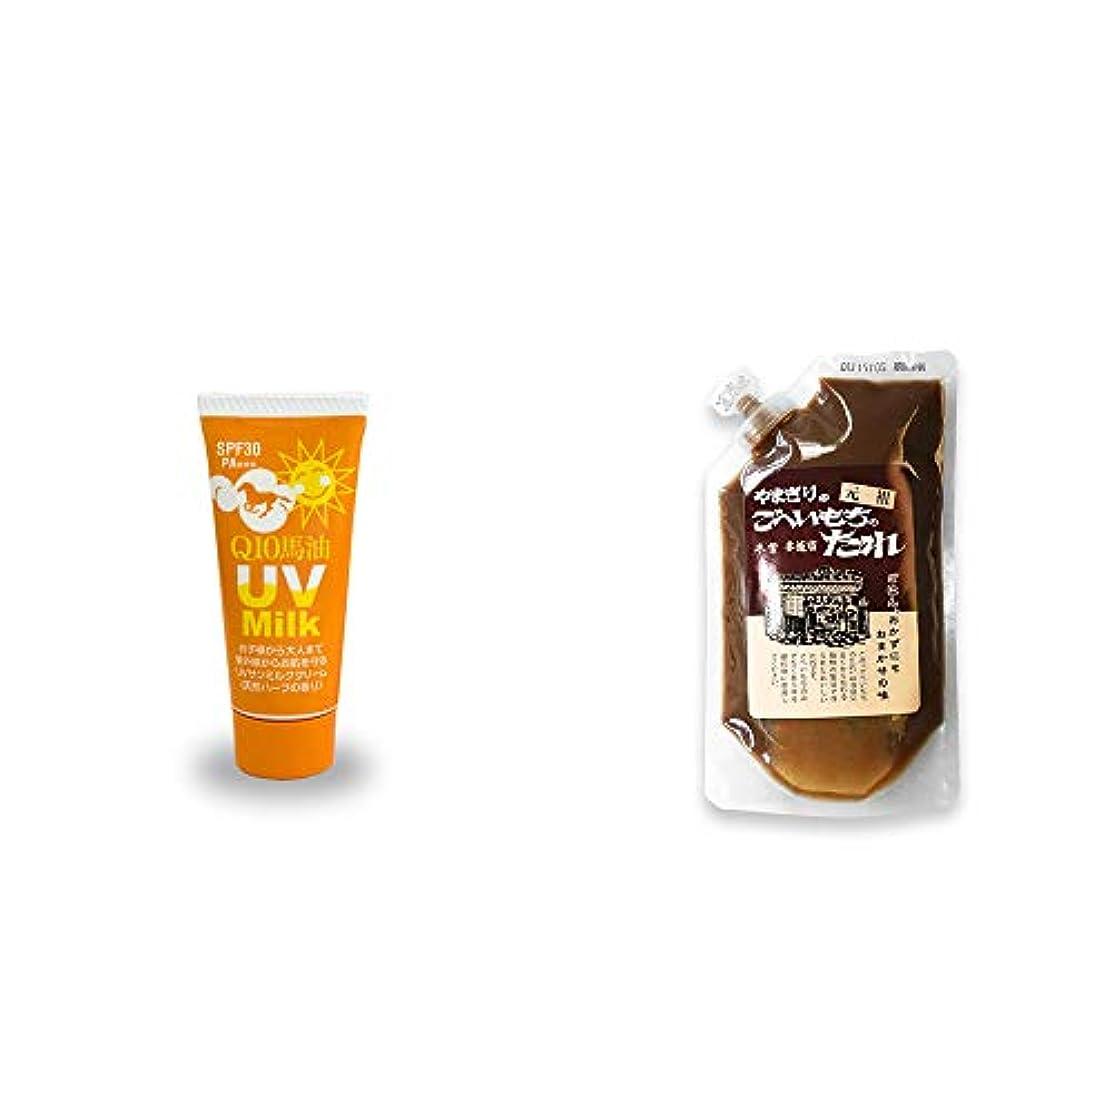 自動車受動的健康[2点セット] 炭黒泉 Q10馬油 UVサンミルク[天然ハーブ](40g)?妻籠宿 やまぎり食堂 ごへい餅のたれ(250g)